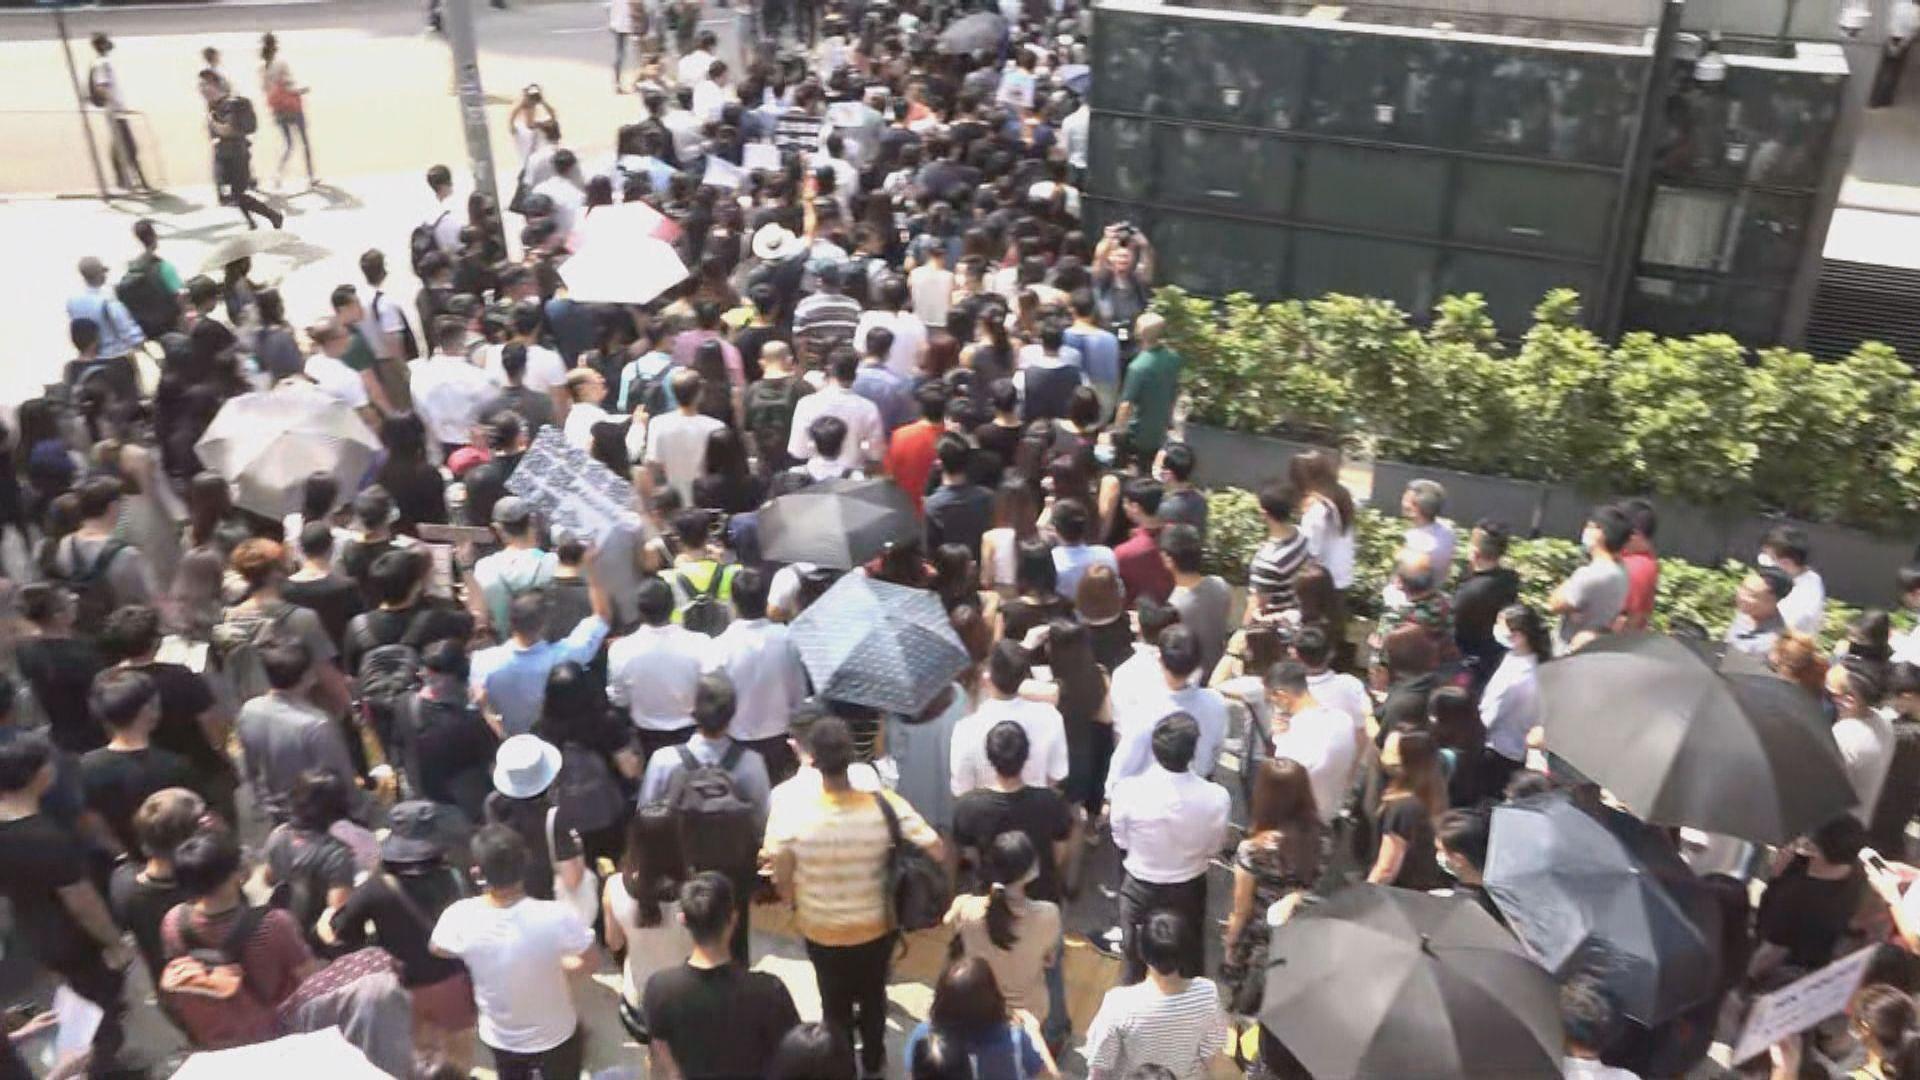 有網民在中環快閃聲援反修例被捕者